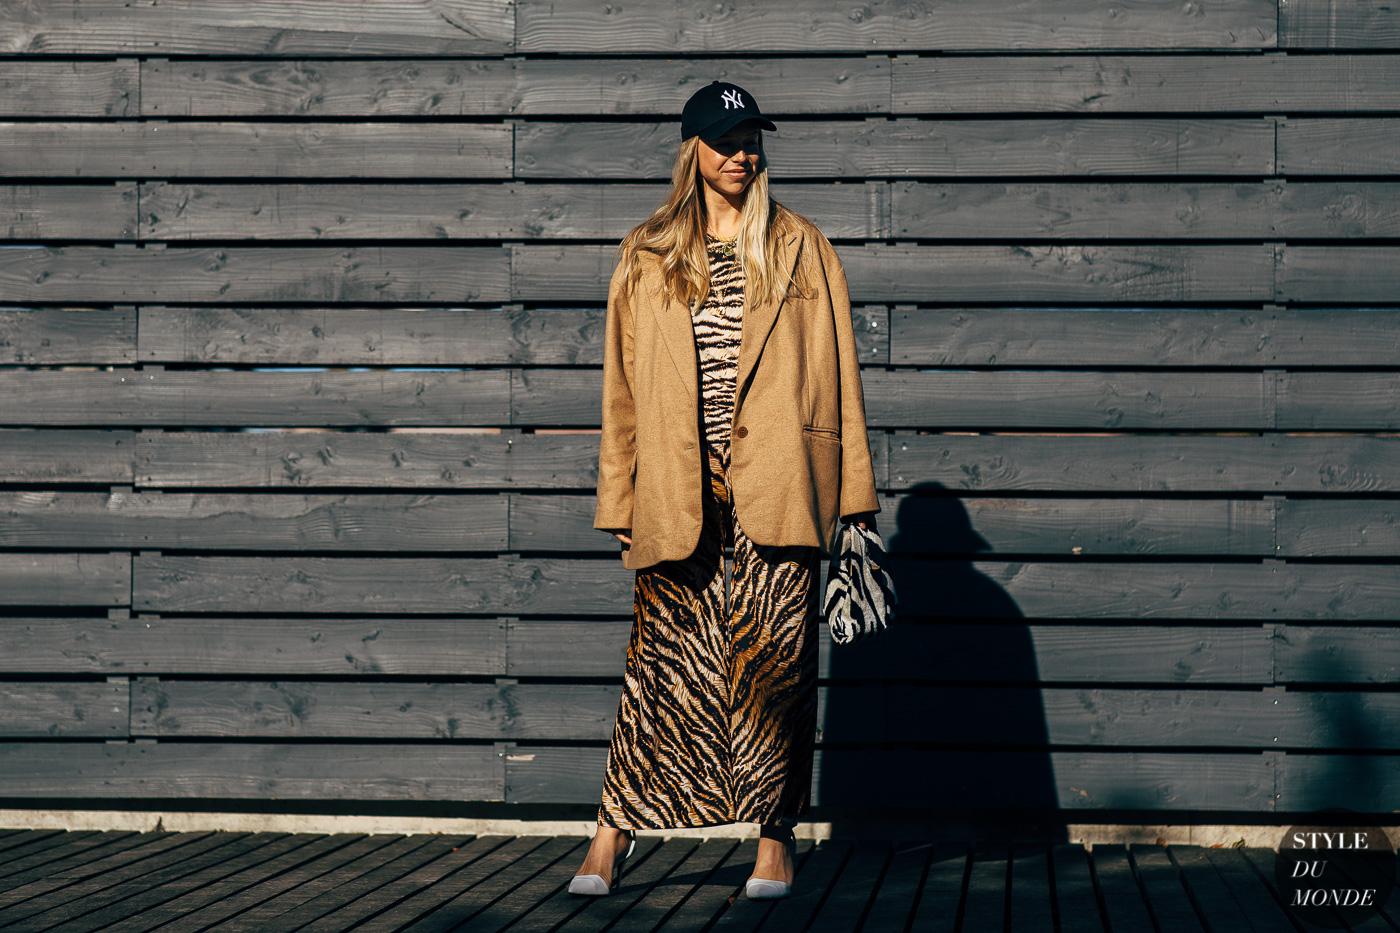 xu hướng thời trang váy họa tiết da hổ 7